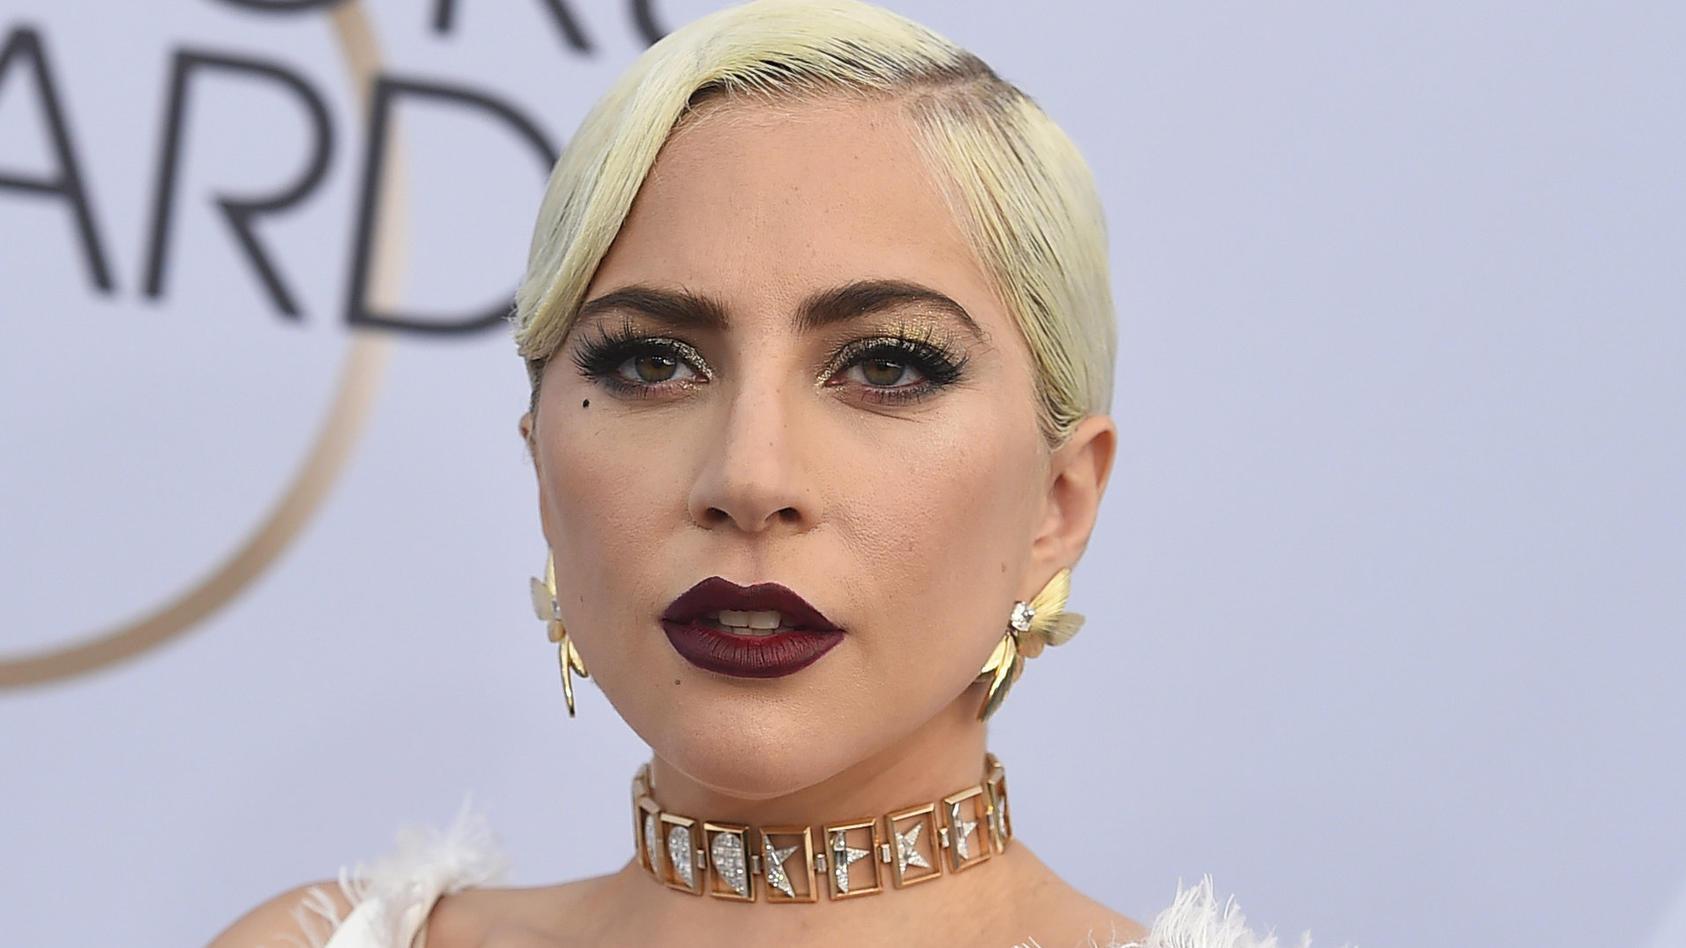 Lady Gaga punktet oft mit dramatischem Make-up und Outfits, doch nun zeigt sich die Sängerin auf einem Selfie ganz ungeschminkt.